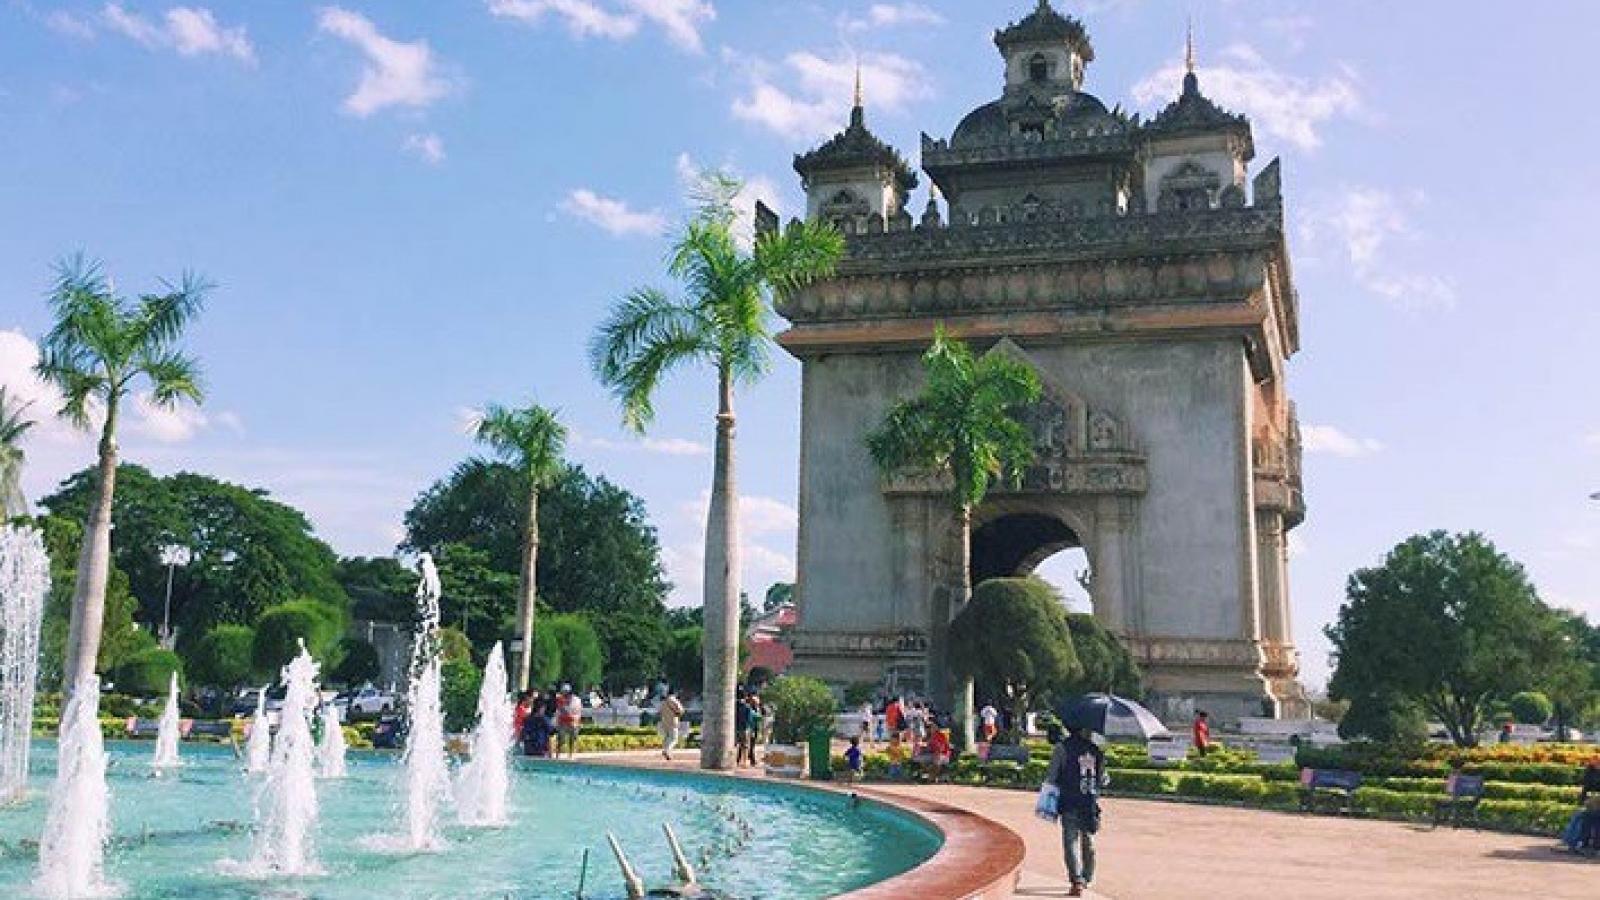 Chuyện nước Lào ứng phó với sự chống phá của các thế lực thù địch